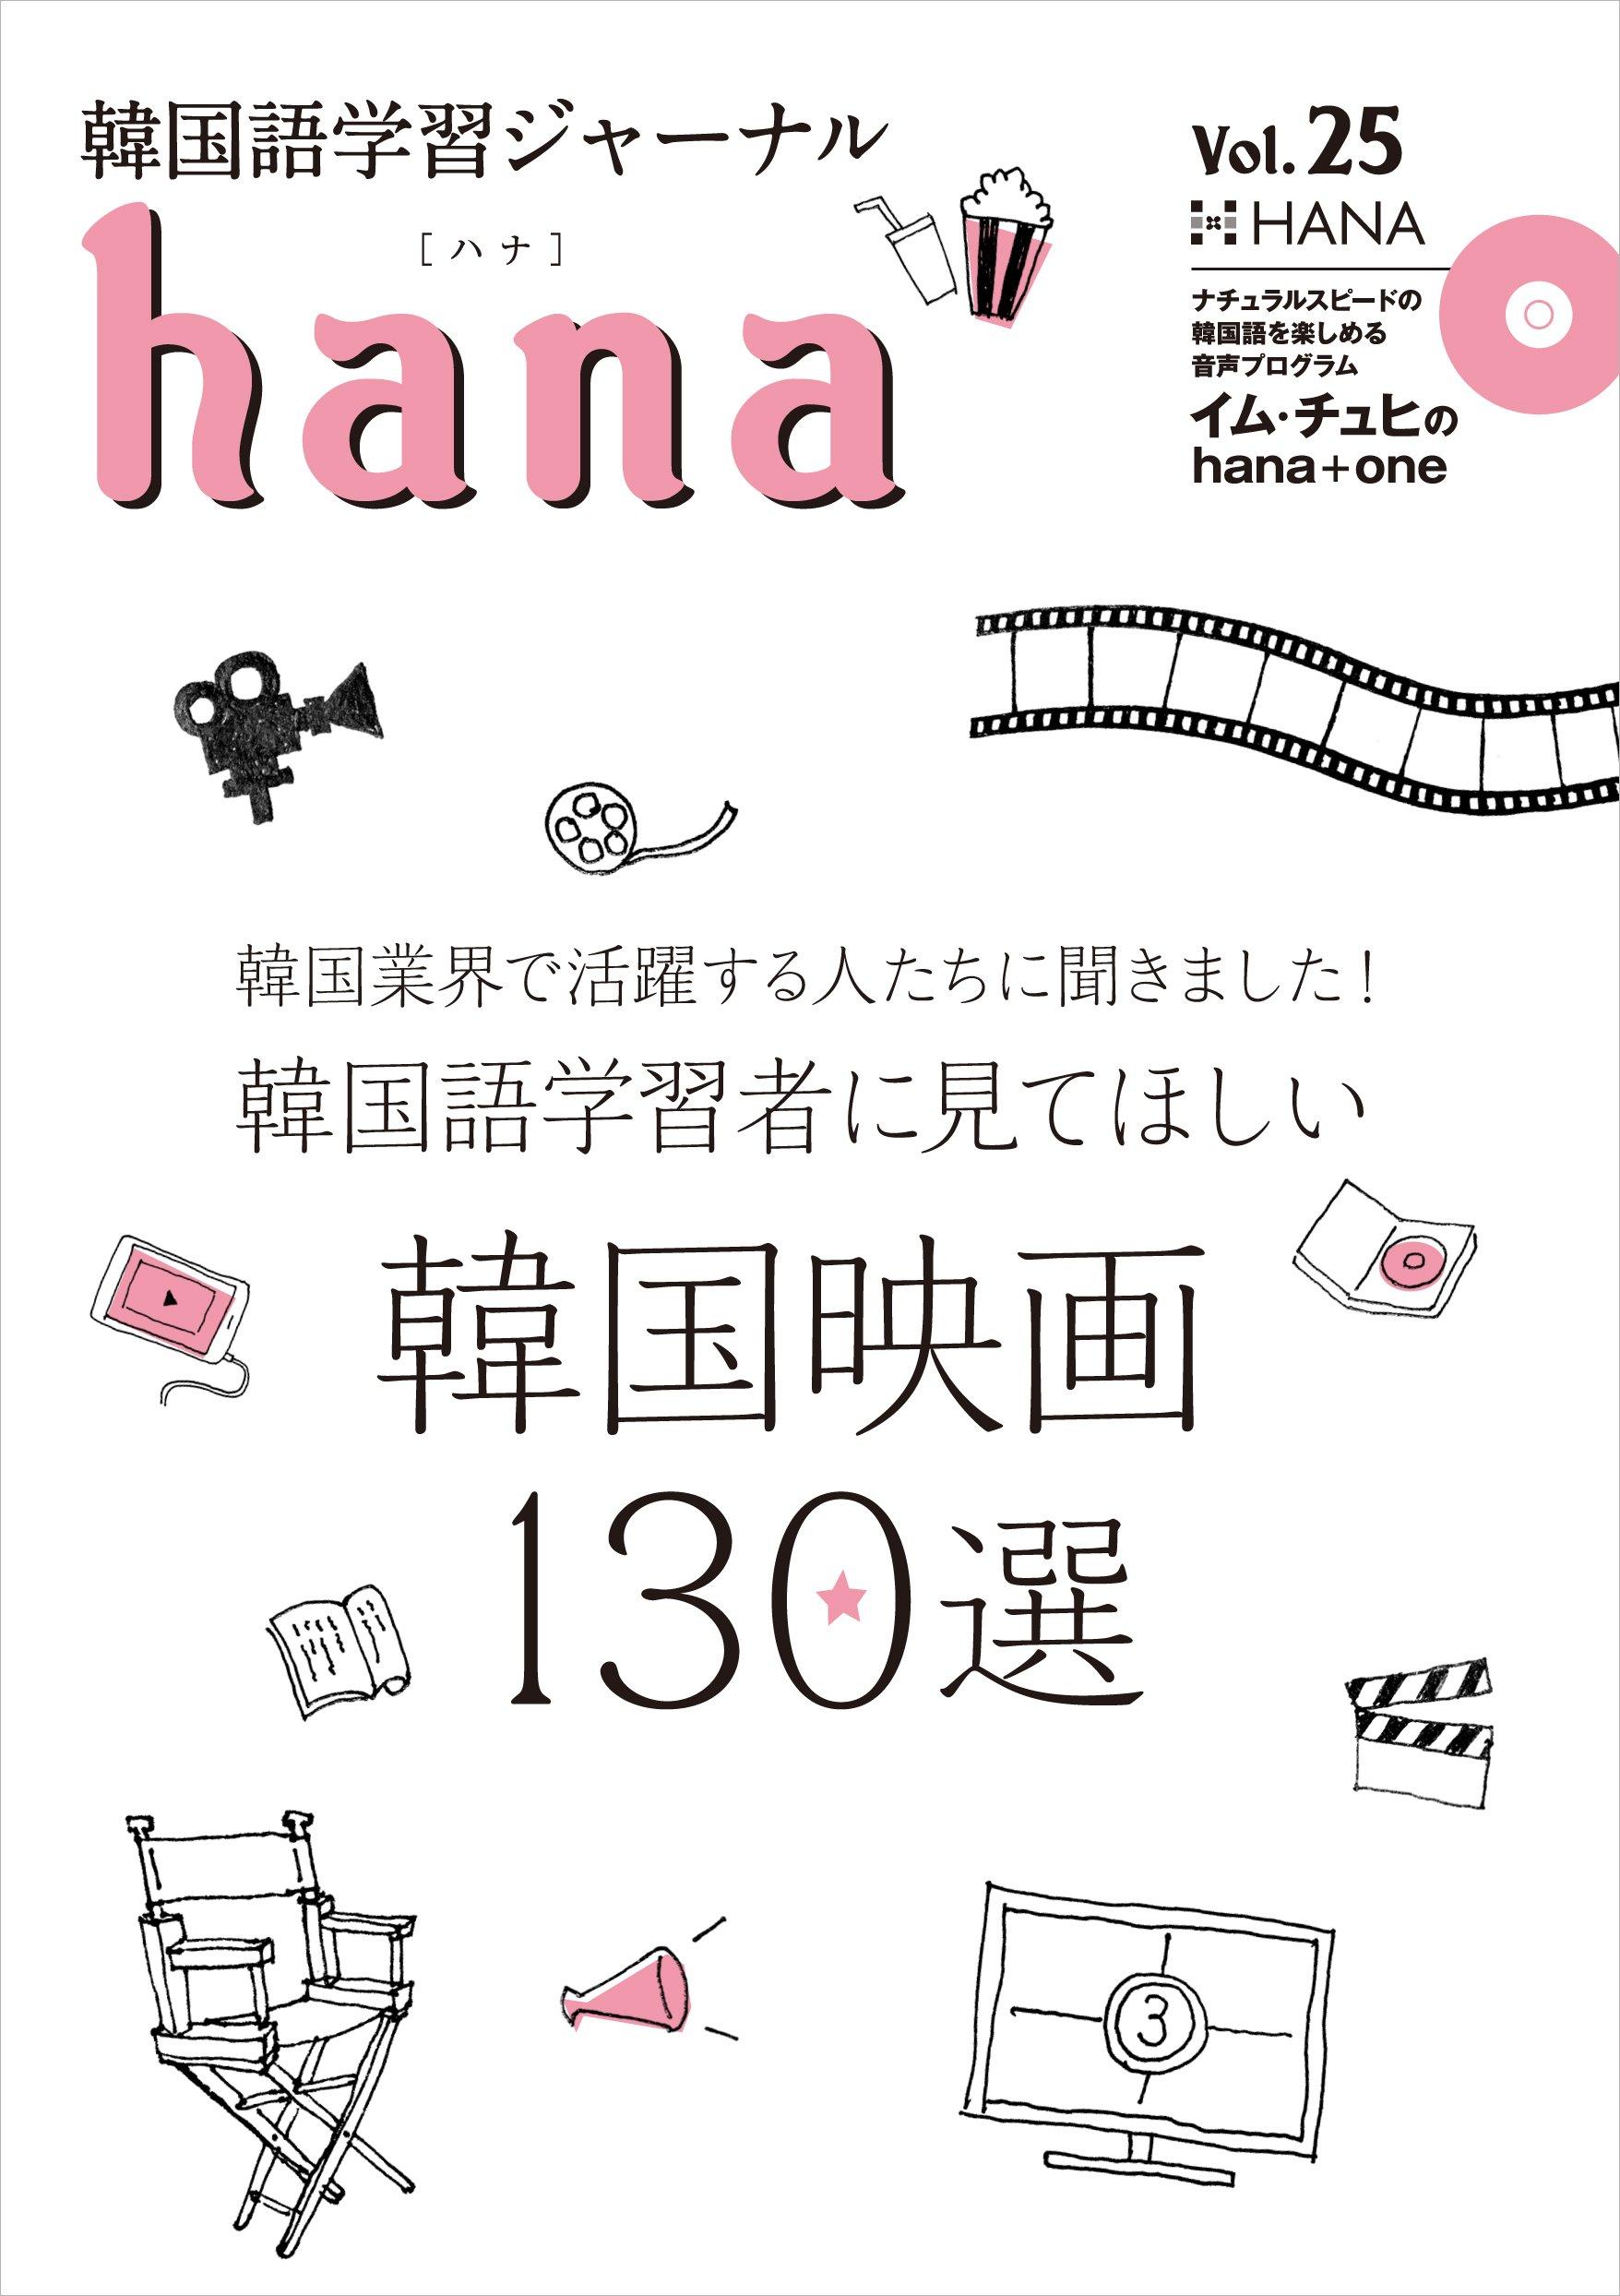 『韓国語学習ジャーナルhana Vol. 25』のイメージ